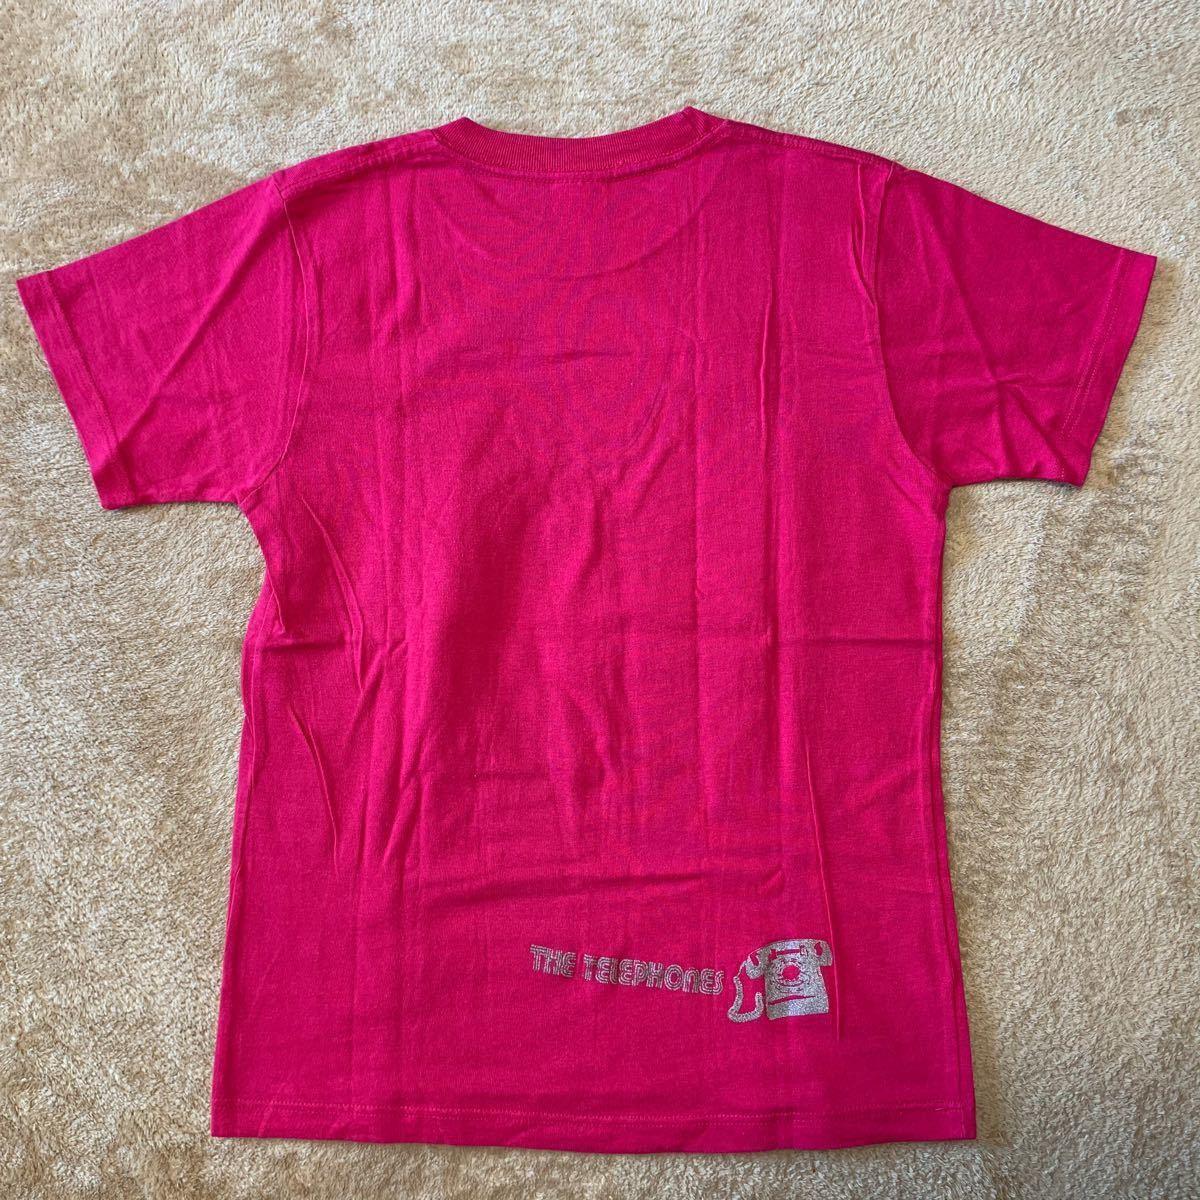 ★ バンドTシャツ the telephones(ザ テレフォンズ) サイズ 150 ピンク 美品 缶バッジ付き ツアーグッズ ★